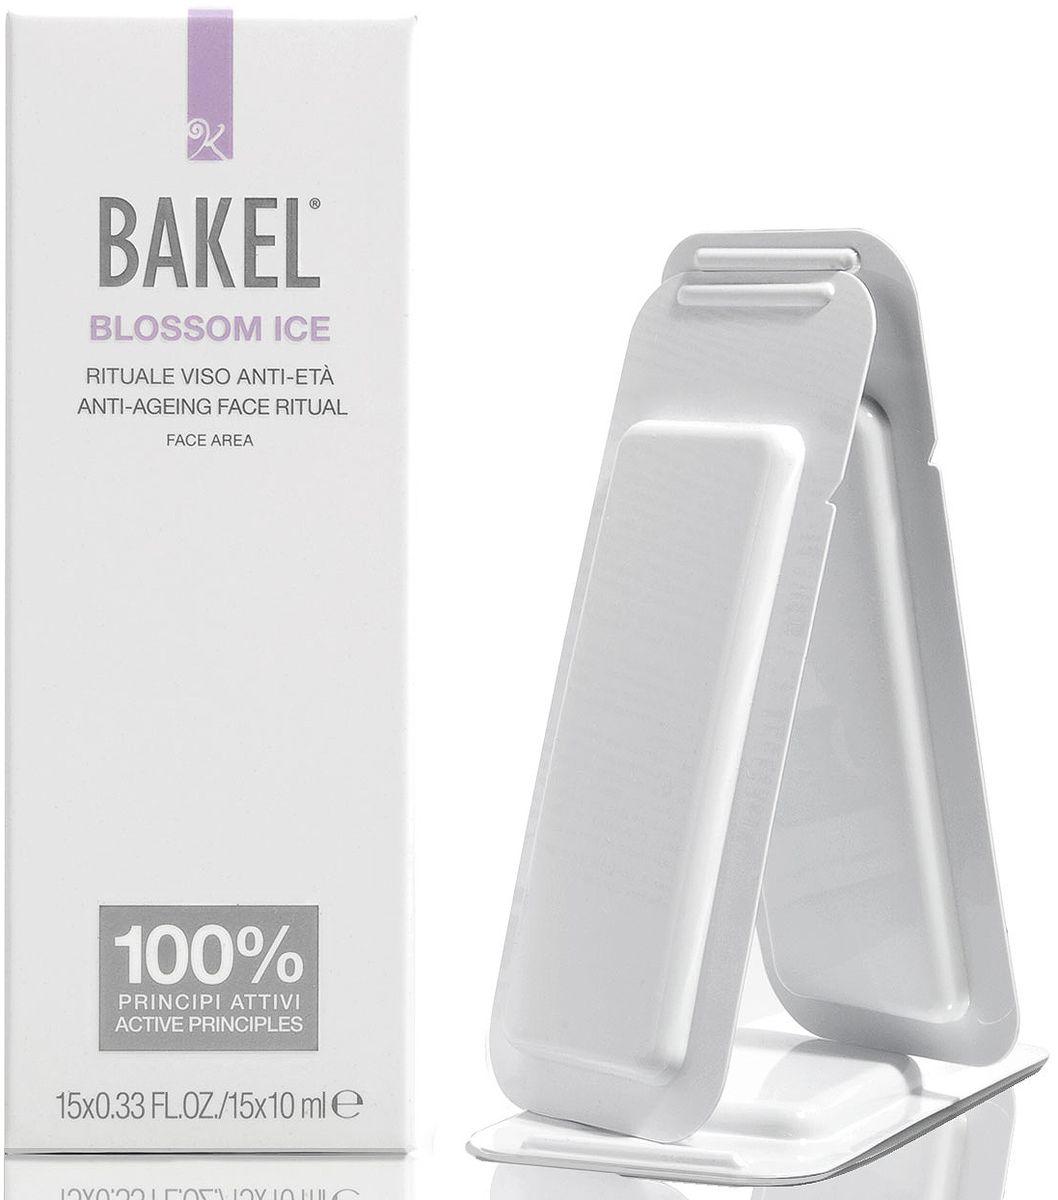 Bakel Тонизирующее средство для кожи лица Blossom Ice, 15 х 10 млBTPC0105Комплект блистеров с монодозой препарата для заморозки и моментального тонизирующего, антиоксидантного и антивозрастного воздействия и снятия отечности. Средство увлажняет и успокаивает кожу лица и зону вокруг глаз, мгновенно возвращая приятное ощущение свежести. Благодаря синергии растительных компонентов – лилии белоснежной, бузины и дикой розы – с биотехнологическими компонентами, BLOSSOM ICE оказывает глубокое антивозрастное и антиоксидантное воздействие. Эффект усиливается благодаря контакту кожи со льдом – это пробуждает кожу, улучшает доступ кислорода и стимулирует клеточный метаболизм. Кожа становится более гладкой, приобретает тонус и свежесть; цвет лица становится более ровным и сияющим, уменьшаются воспаления, припухлости и круги под глазами.